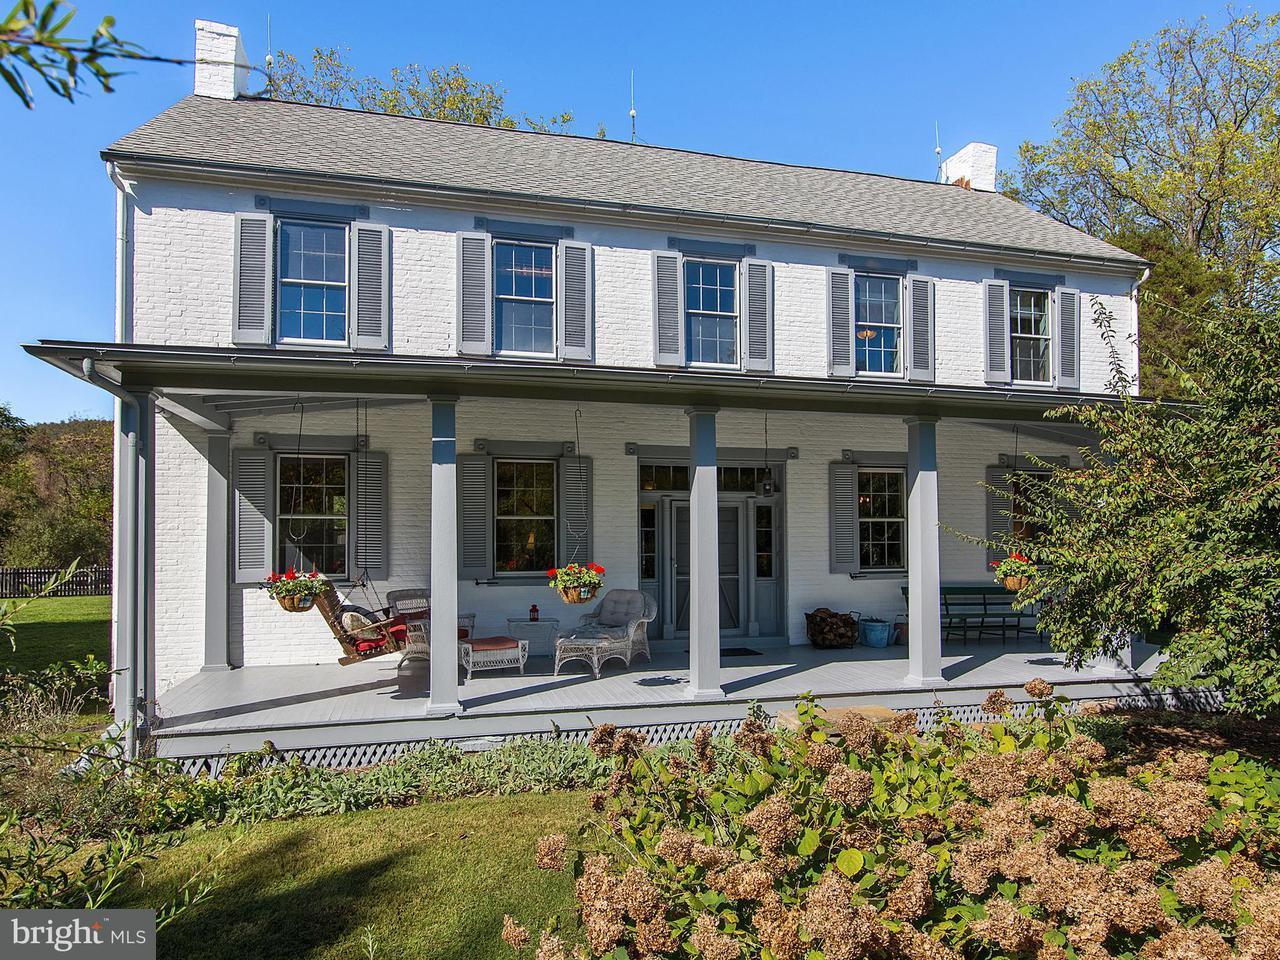 Частный односемейный дом для того Продажа на 20160 BROWNSVILLE Road 20160 BROWNSVILLE Road Knoxville, Мэриленд 21758 Соединенные Штаты